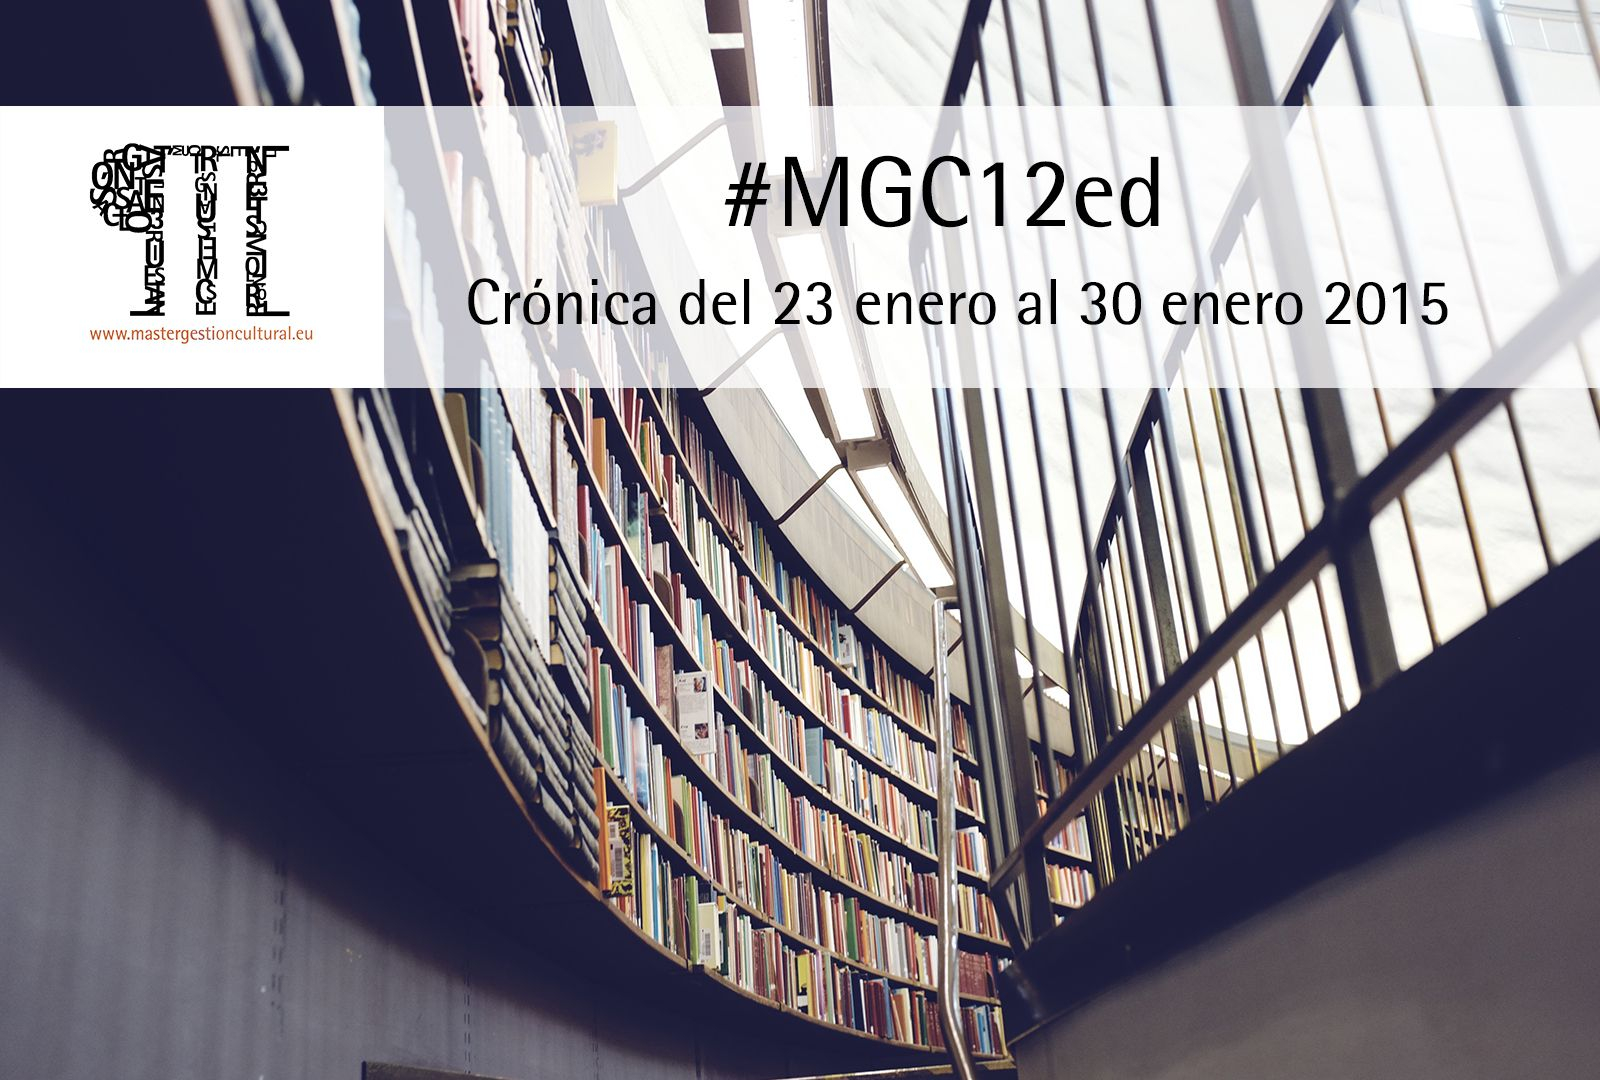 La GestiónCultural desde las aulas del MGC12ed. Crónica